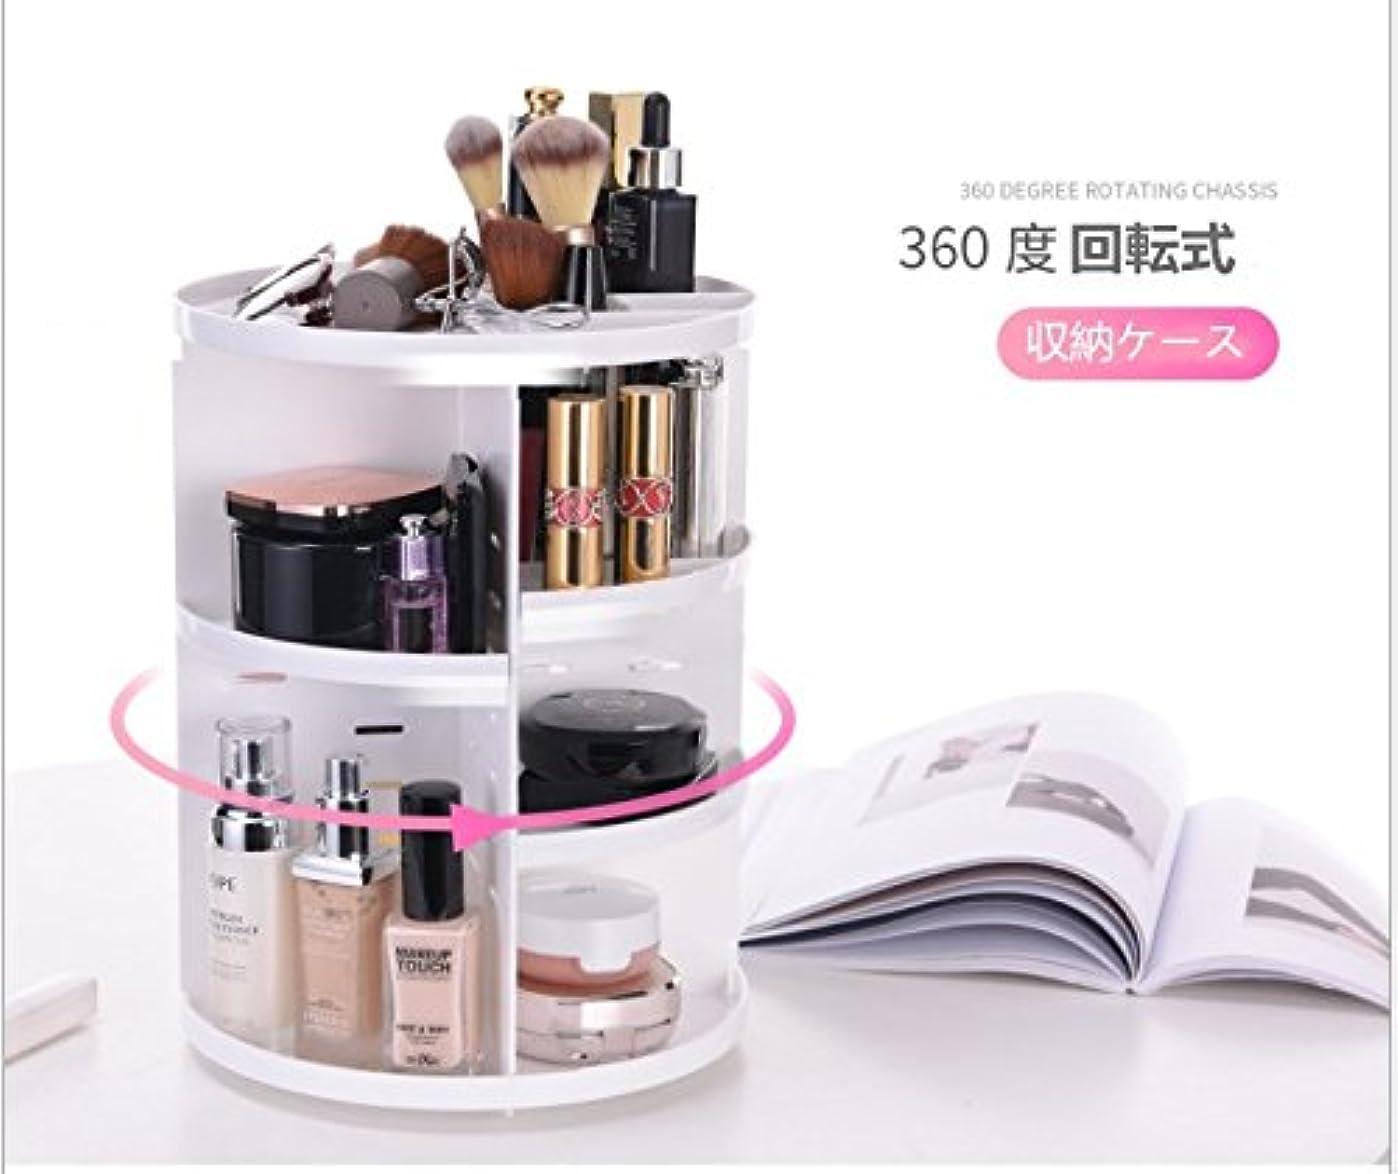 。サンプル水を飲むコスメ収納ボックス 化粧品収納ボックス メイクボックス 360度回転式 高さ調節可能 日本語説明書付き ホワイト